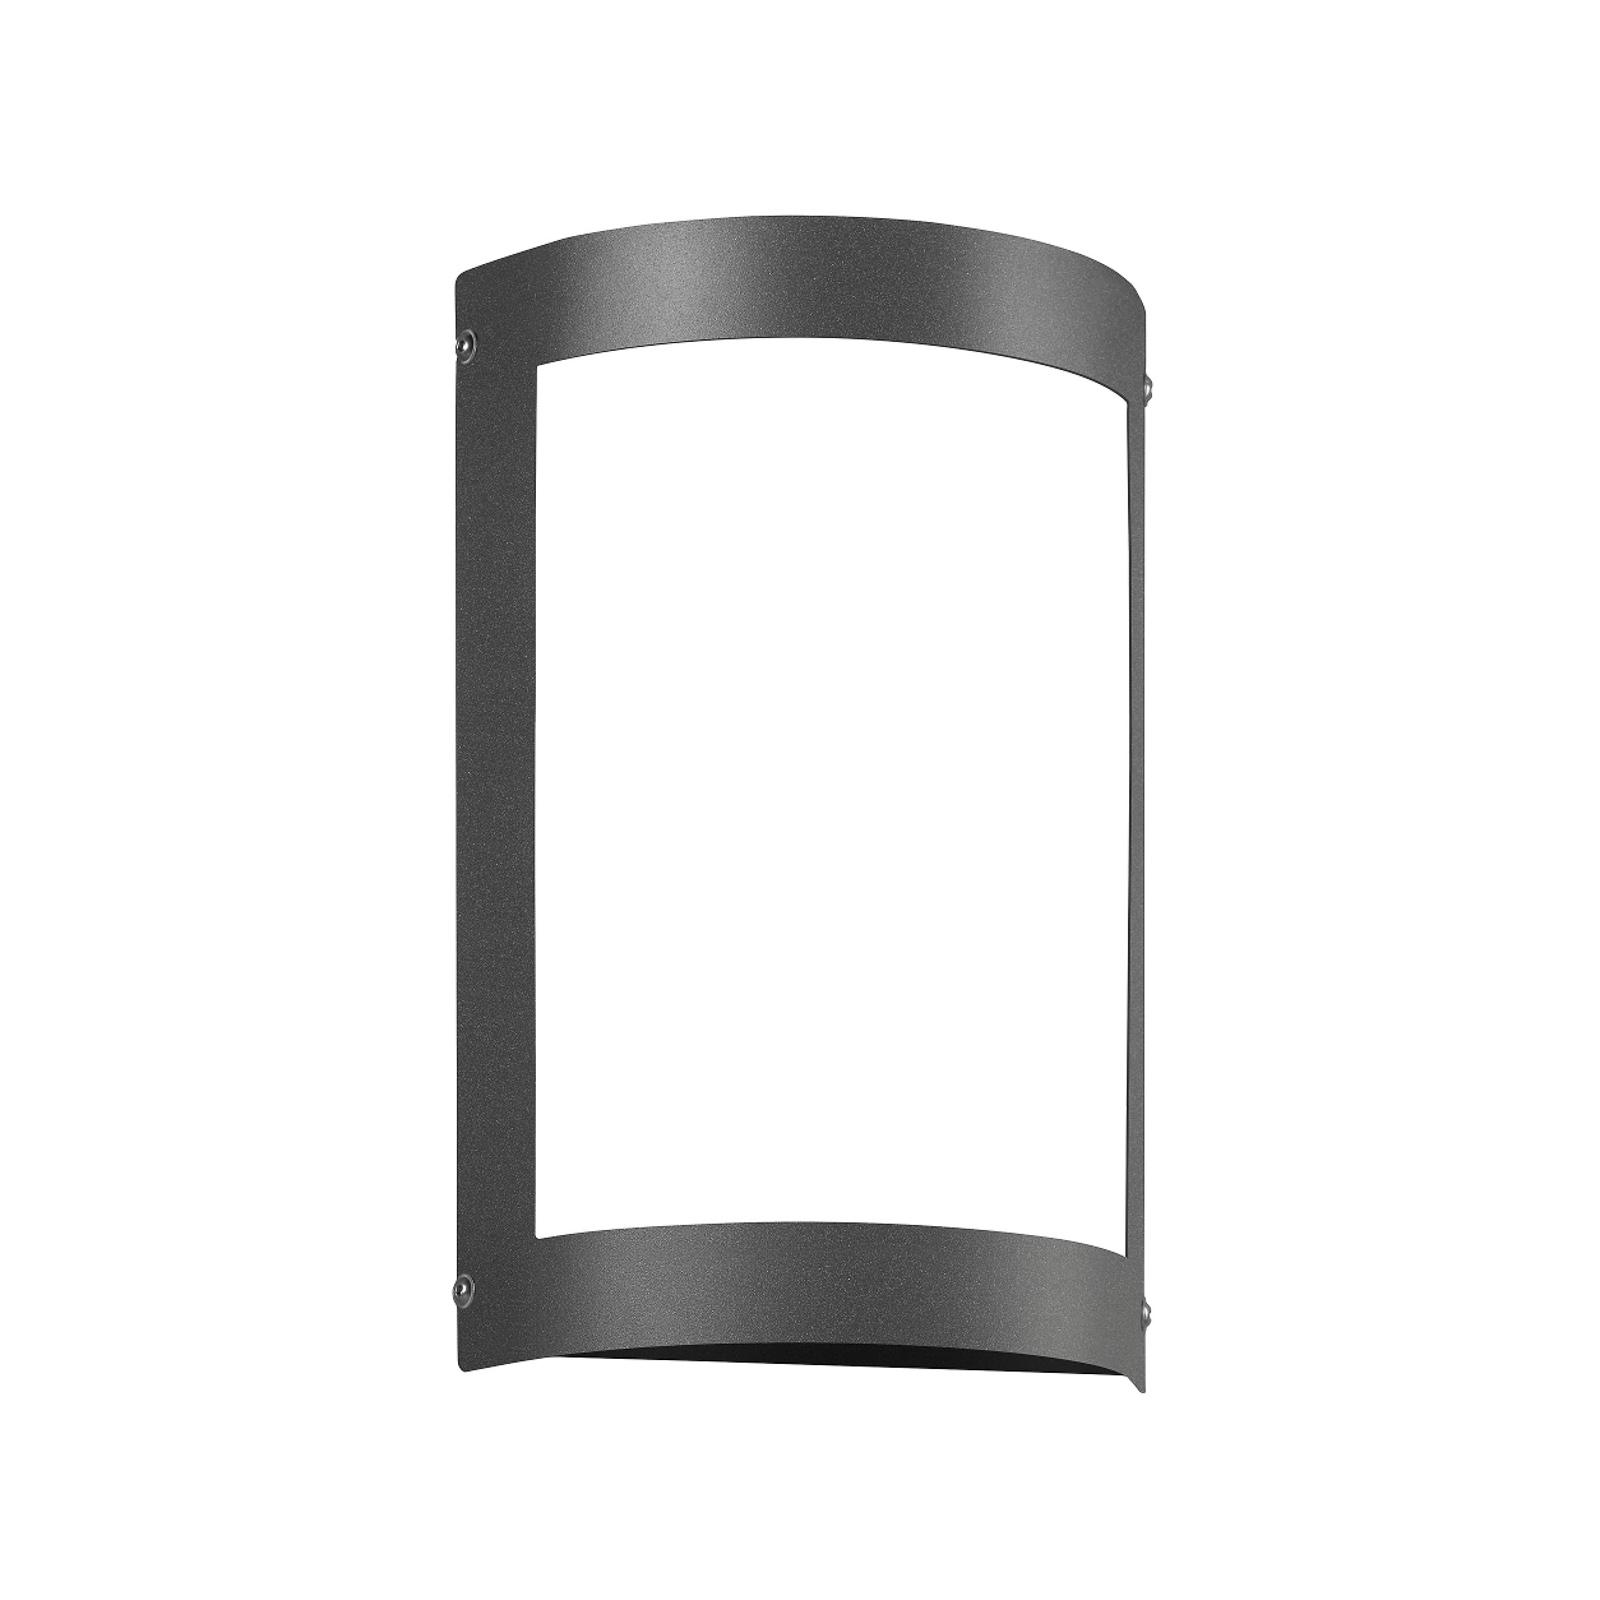 Lampada parete esterni LED Aqua Marco antracite 3